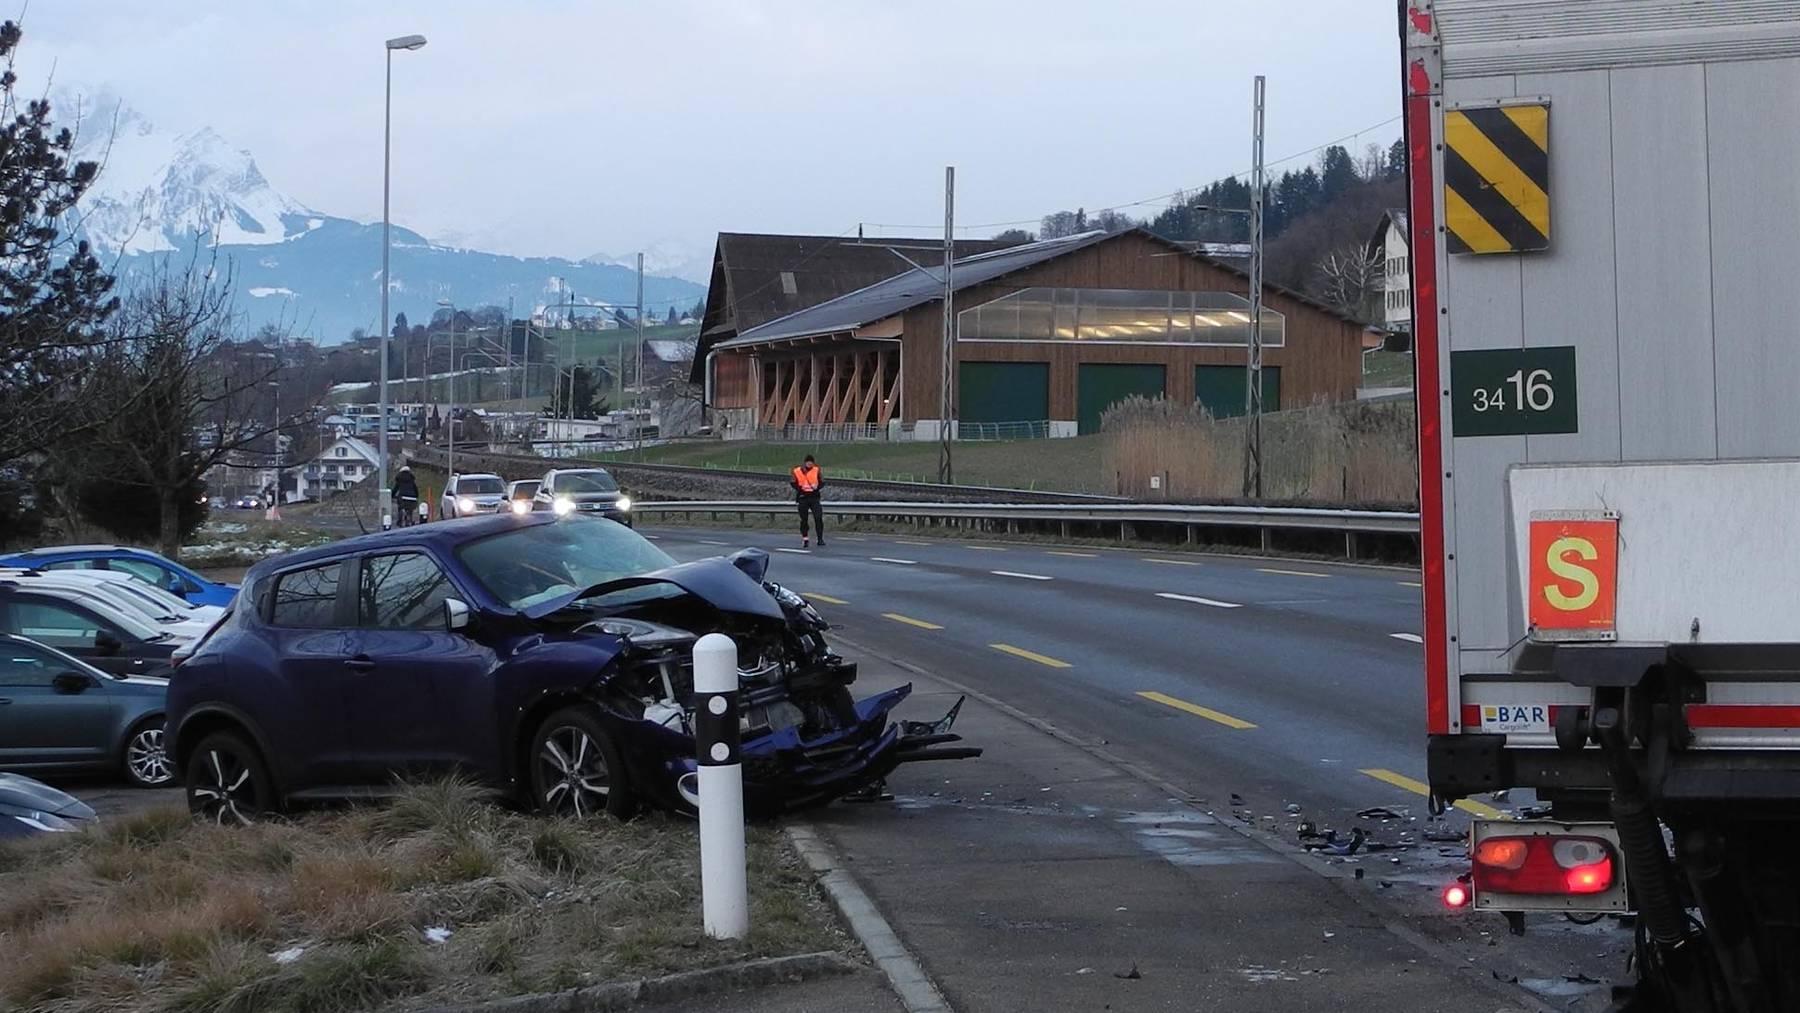 Verletzter Autofahrer in Merlischachen (SZ)